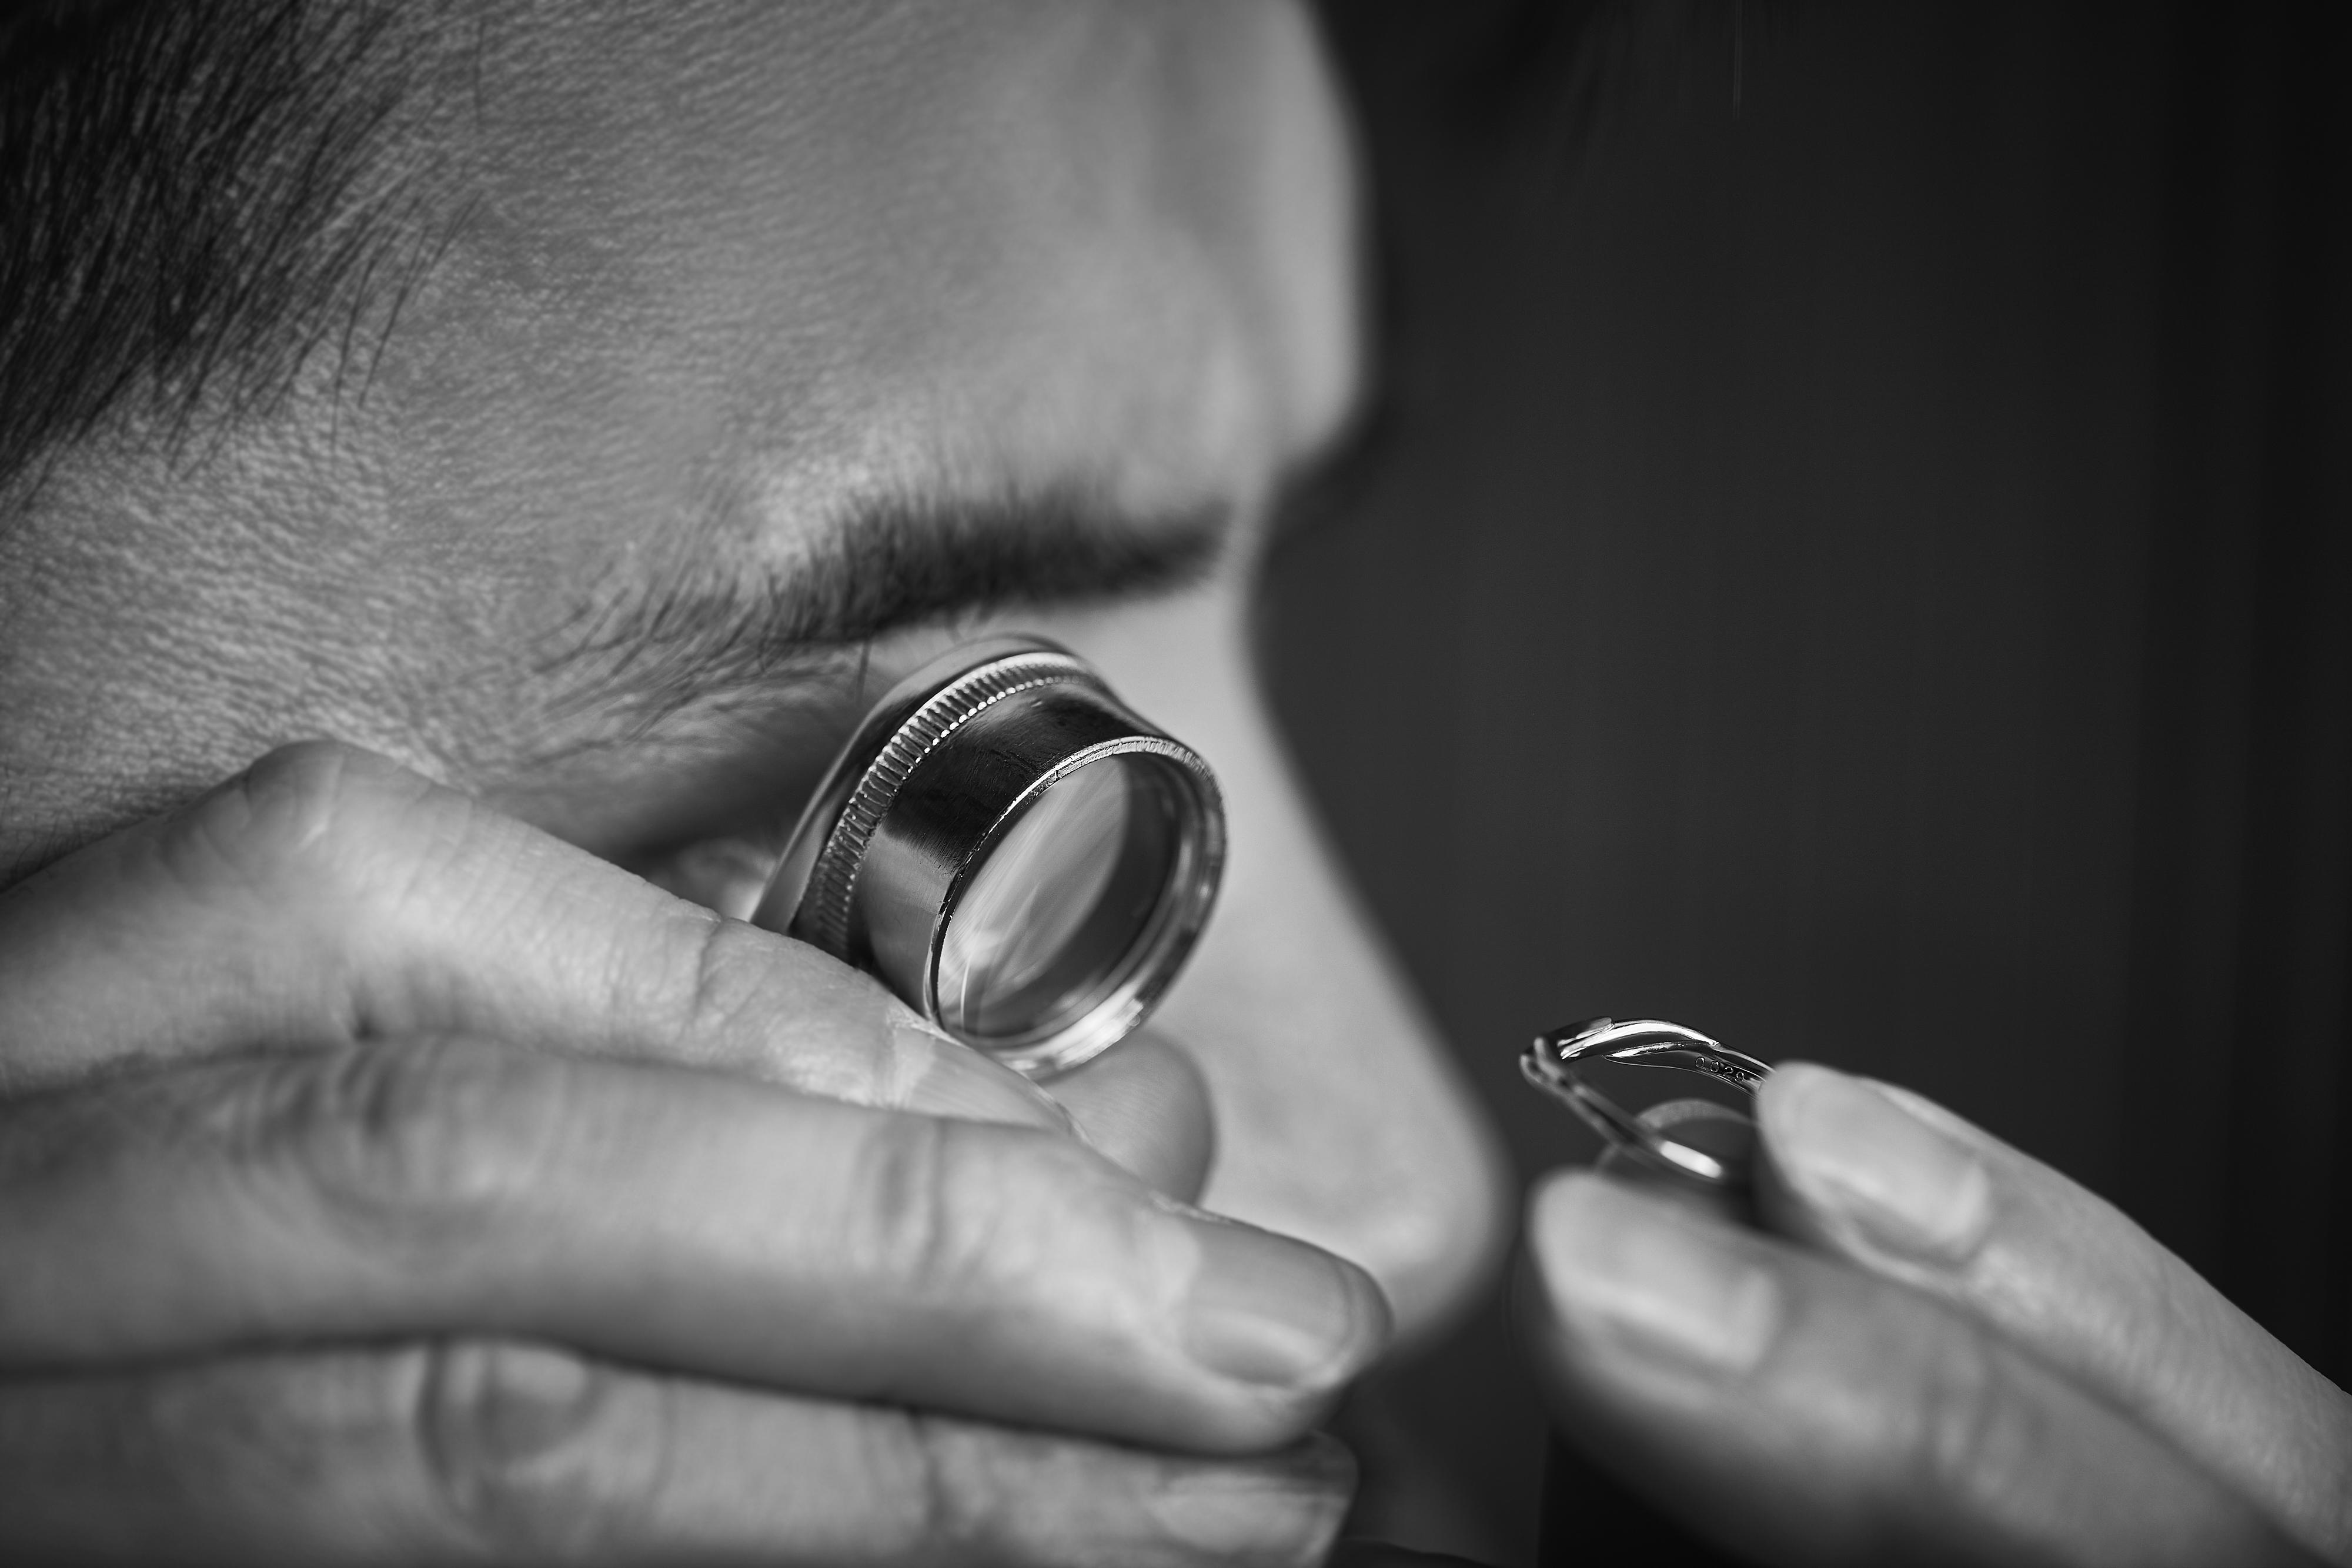 着け心地と肌への負担軽減も考慮した指輪